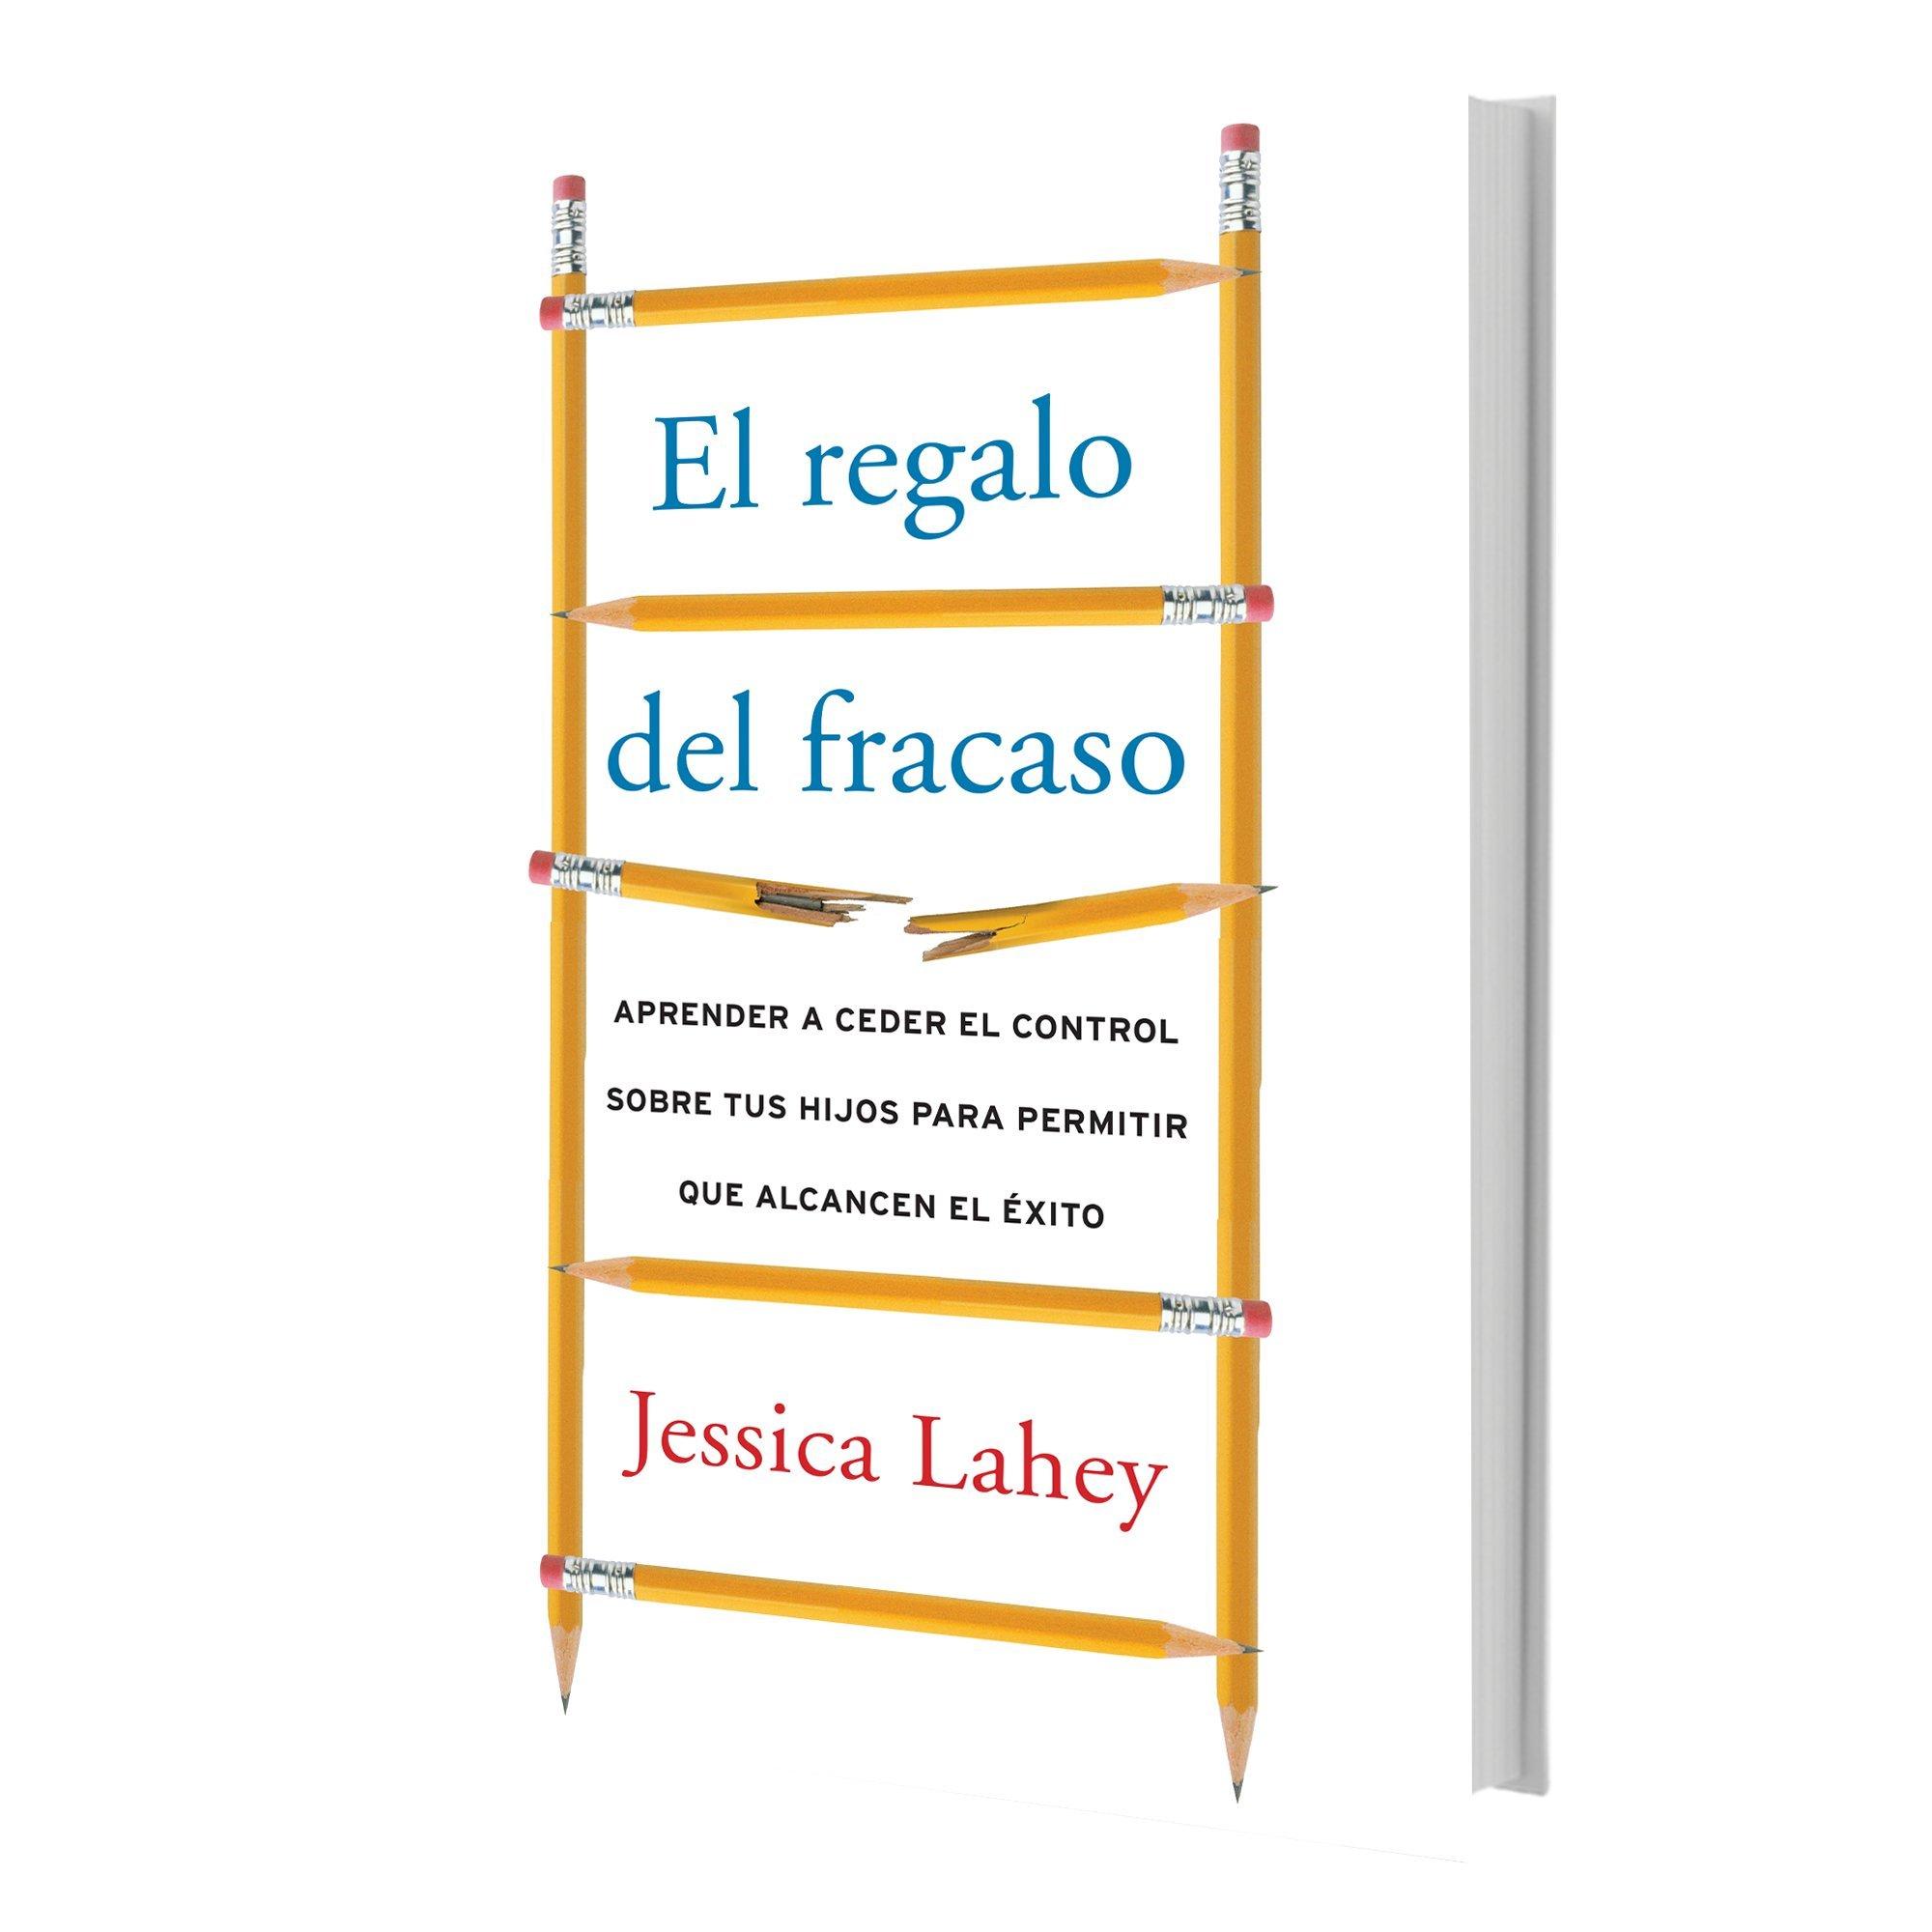 Regalo Del Fracaso Aprender A Ceder El Control Sobre Tus Hijos Para Permitir Que Alcancen El éxito Spanish Edition Lahey Jessica 9780718095802 Books